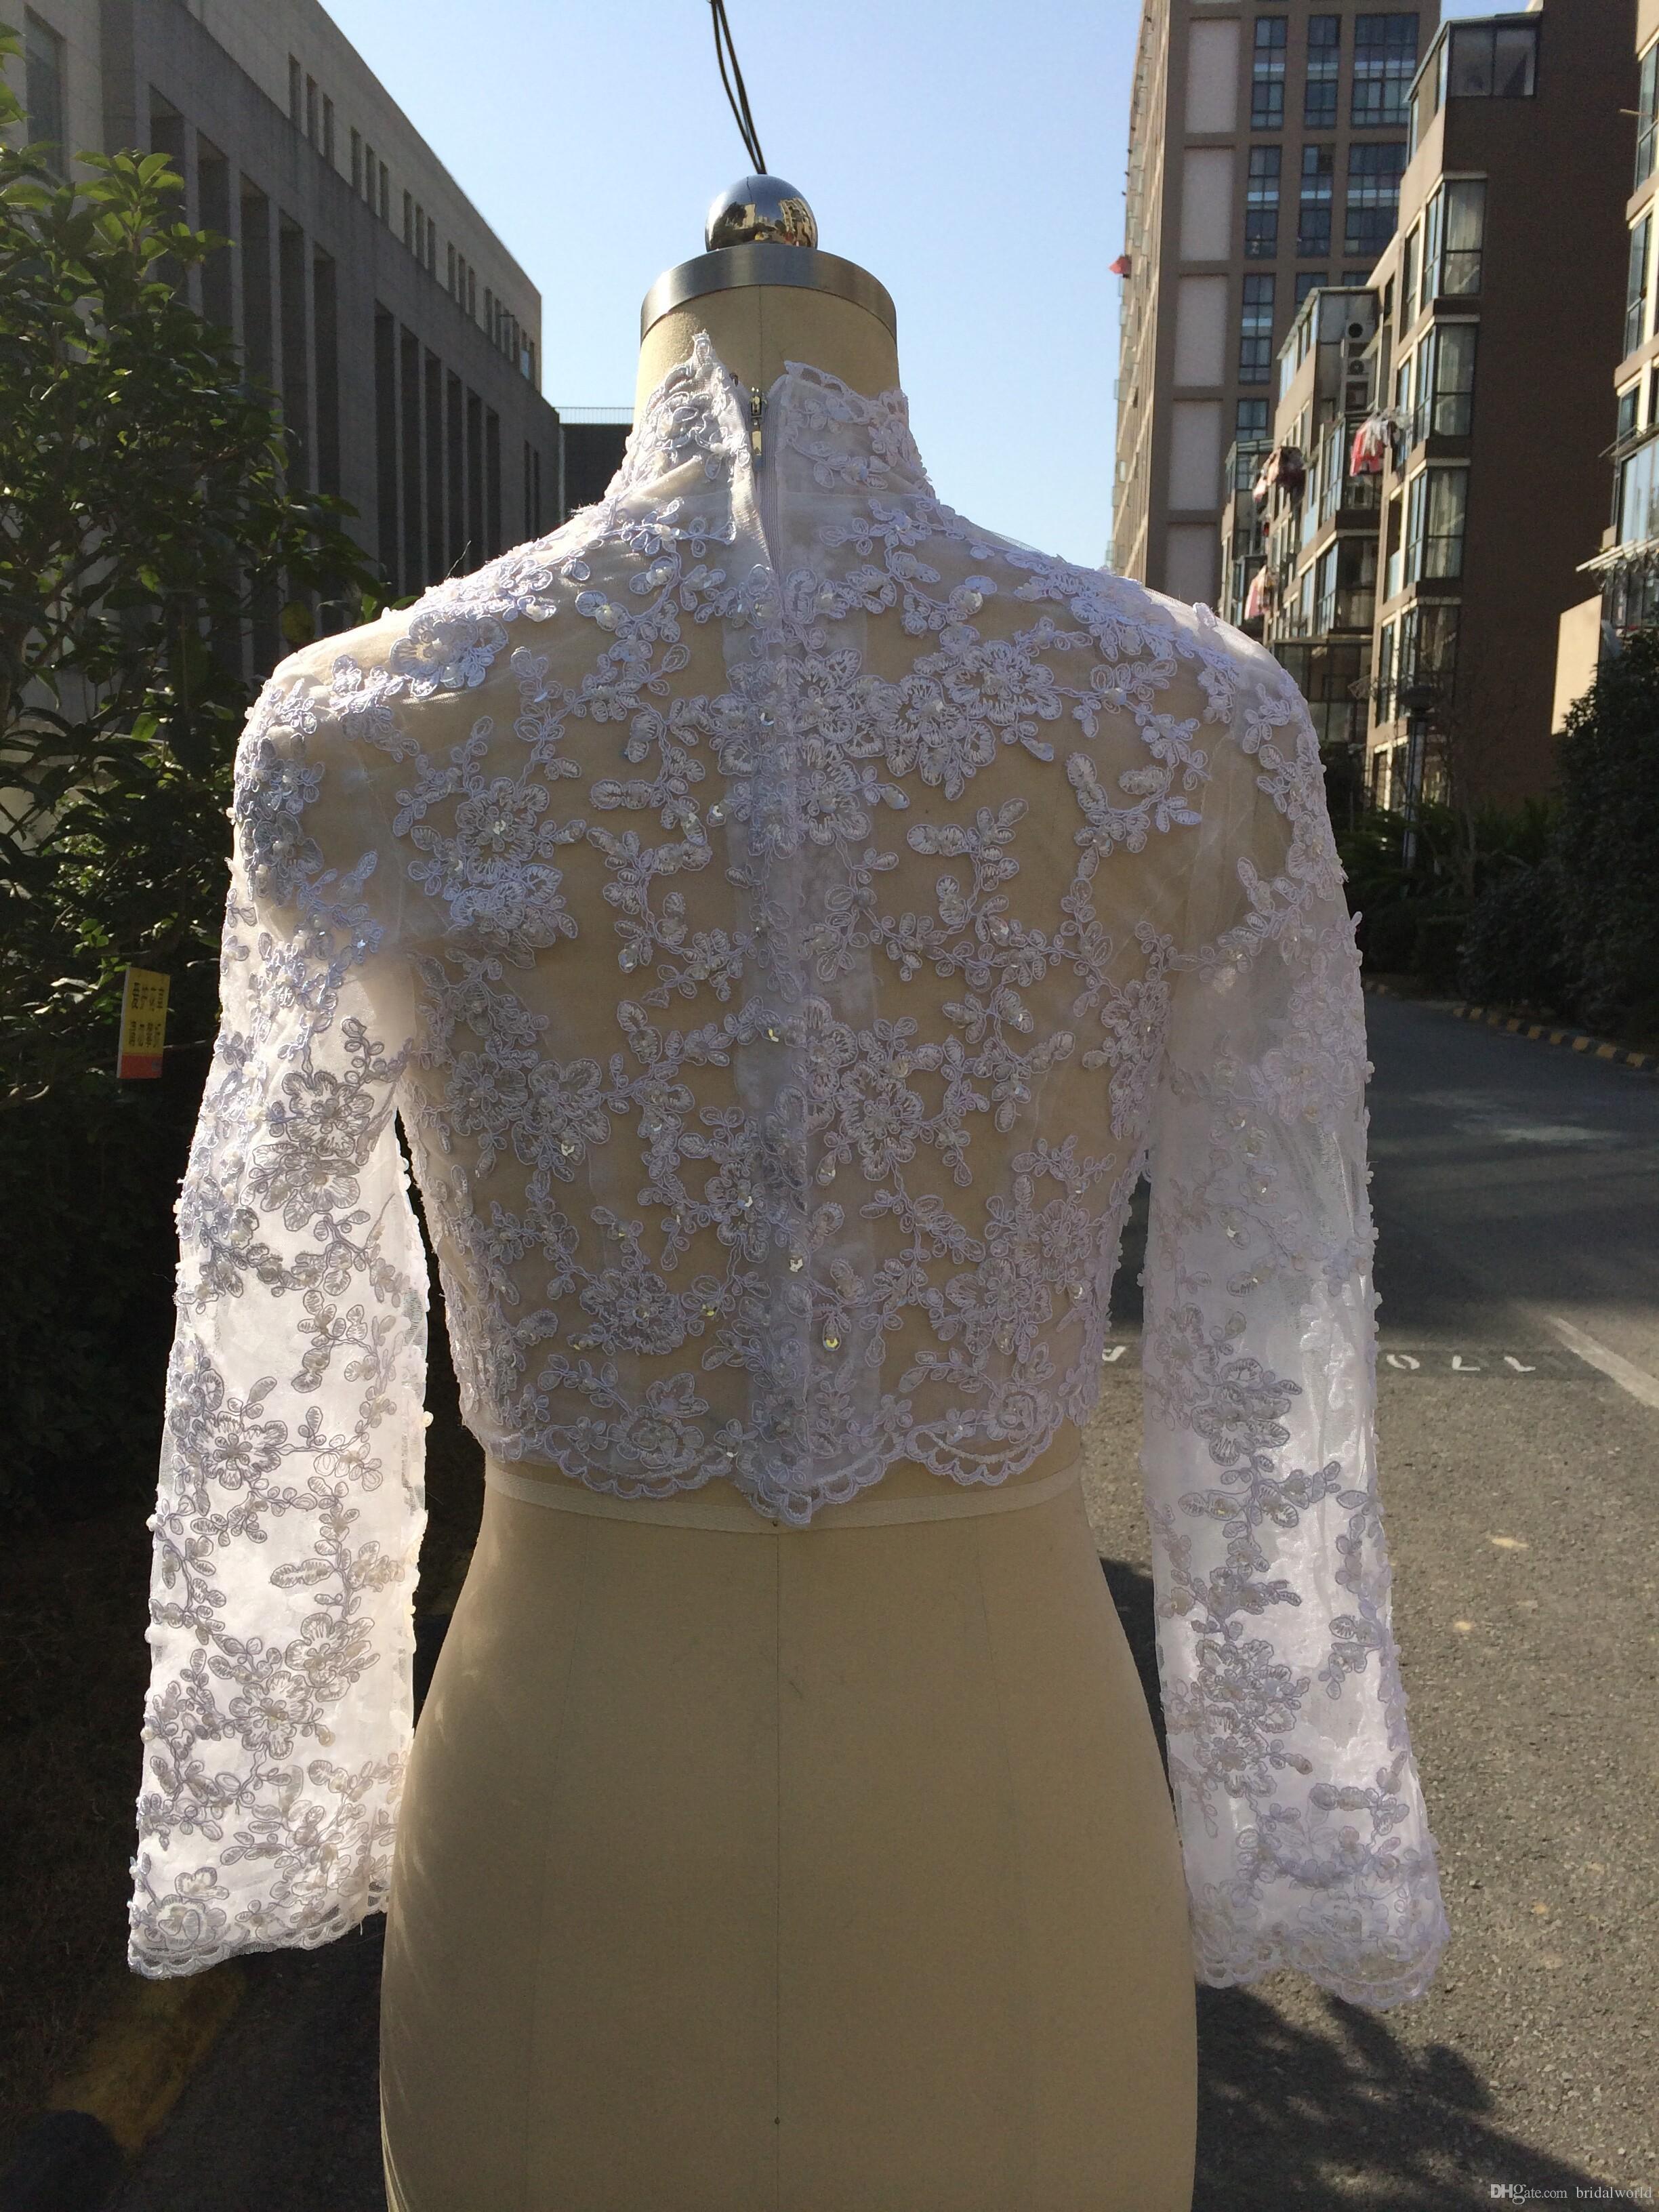 Muslim Bridal Lace Boleros Jackets High Neck Ivory White Wedding Bolero Long Sleeve Lace Beaded Bridal Jacket Shrug 2018 Elegant